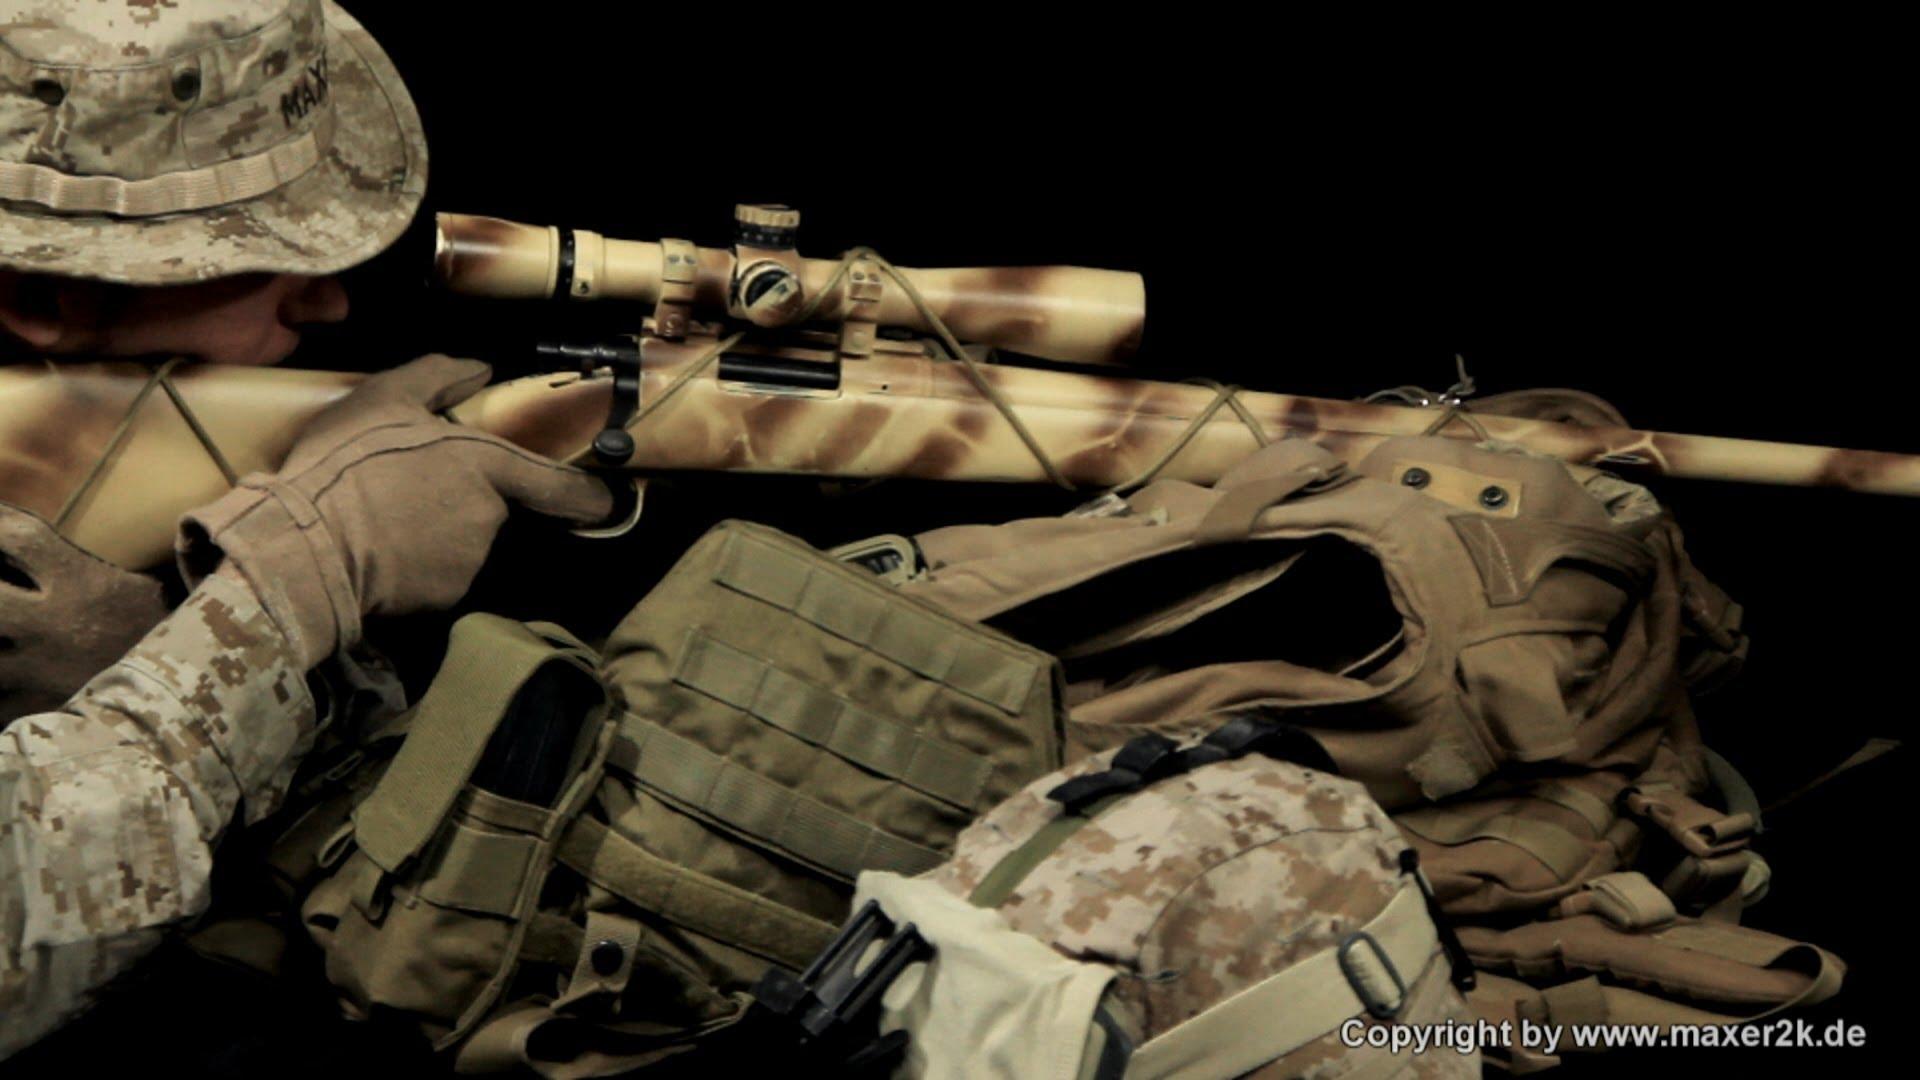 Usmc Sniper Wallpaper Wallpapersafari